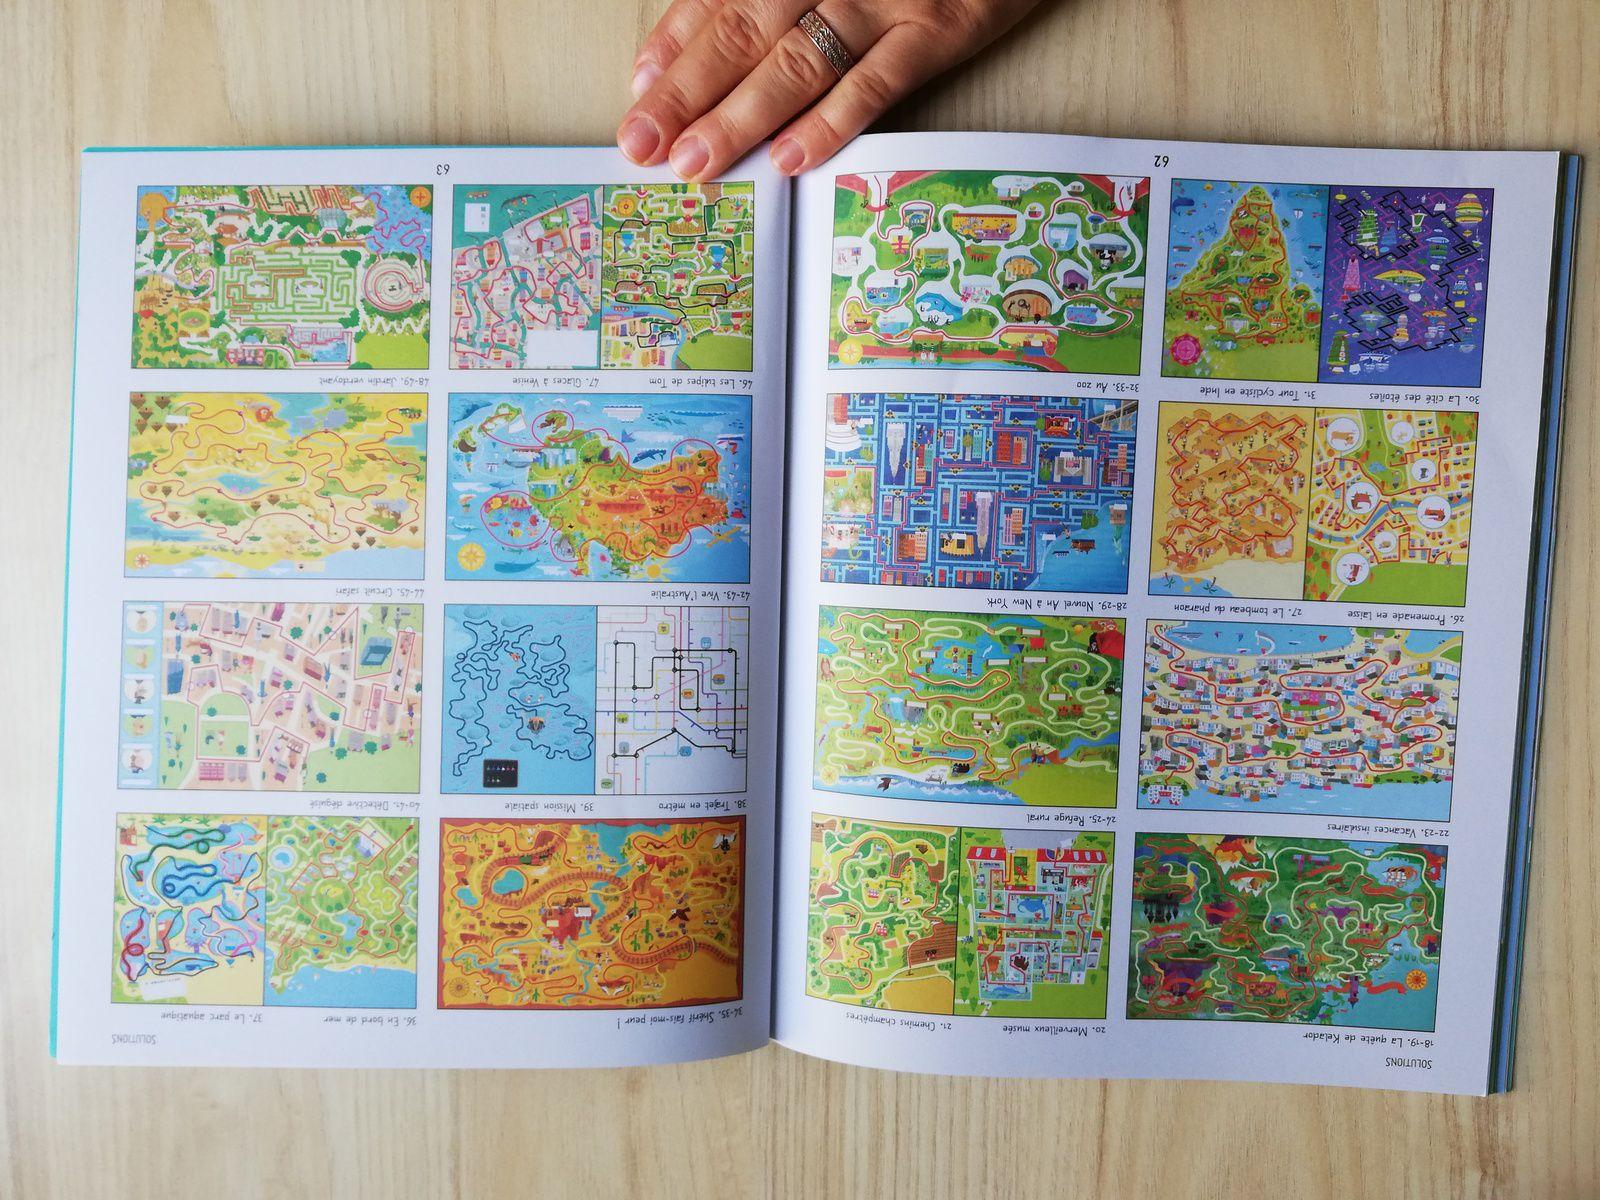 Le grand livre des labyrinthes- Tour du monde- Usborne